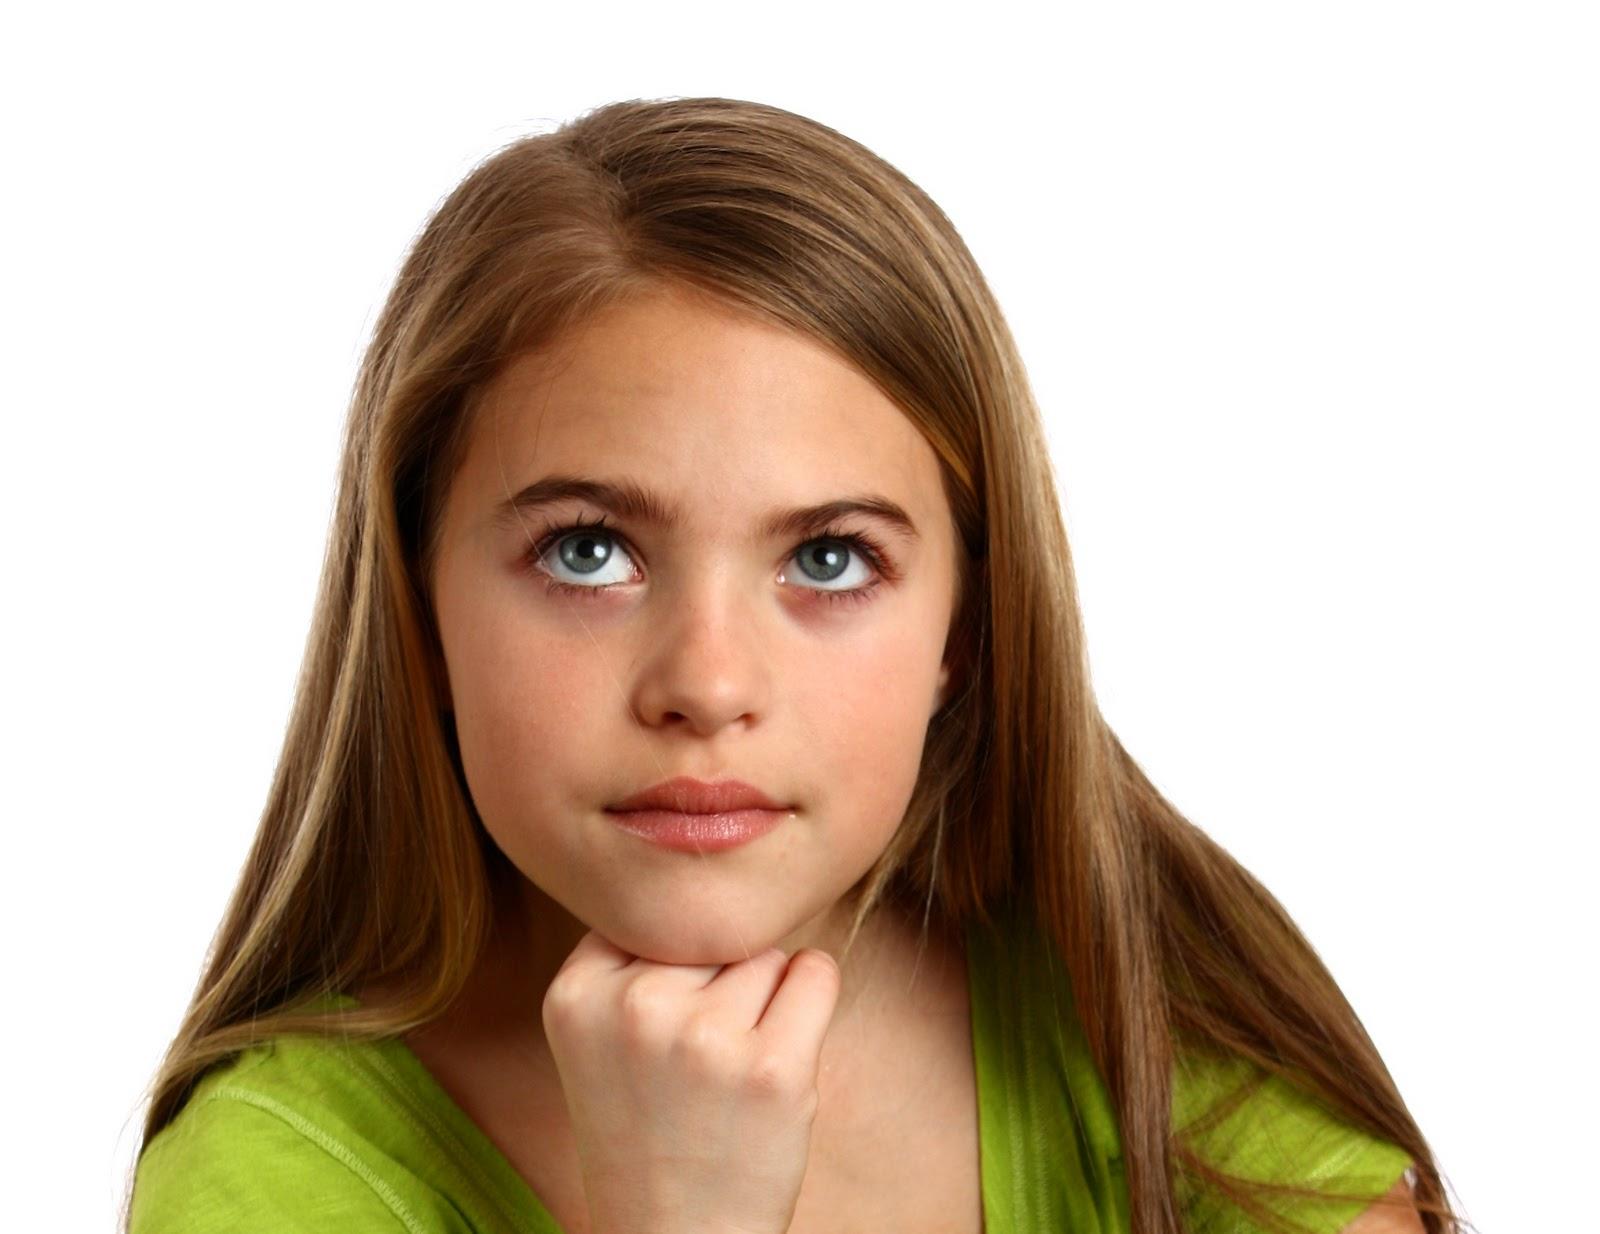 """Efectos especiales """"niña pensando""""   imaginativa diseño creativo"""